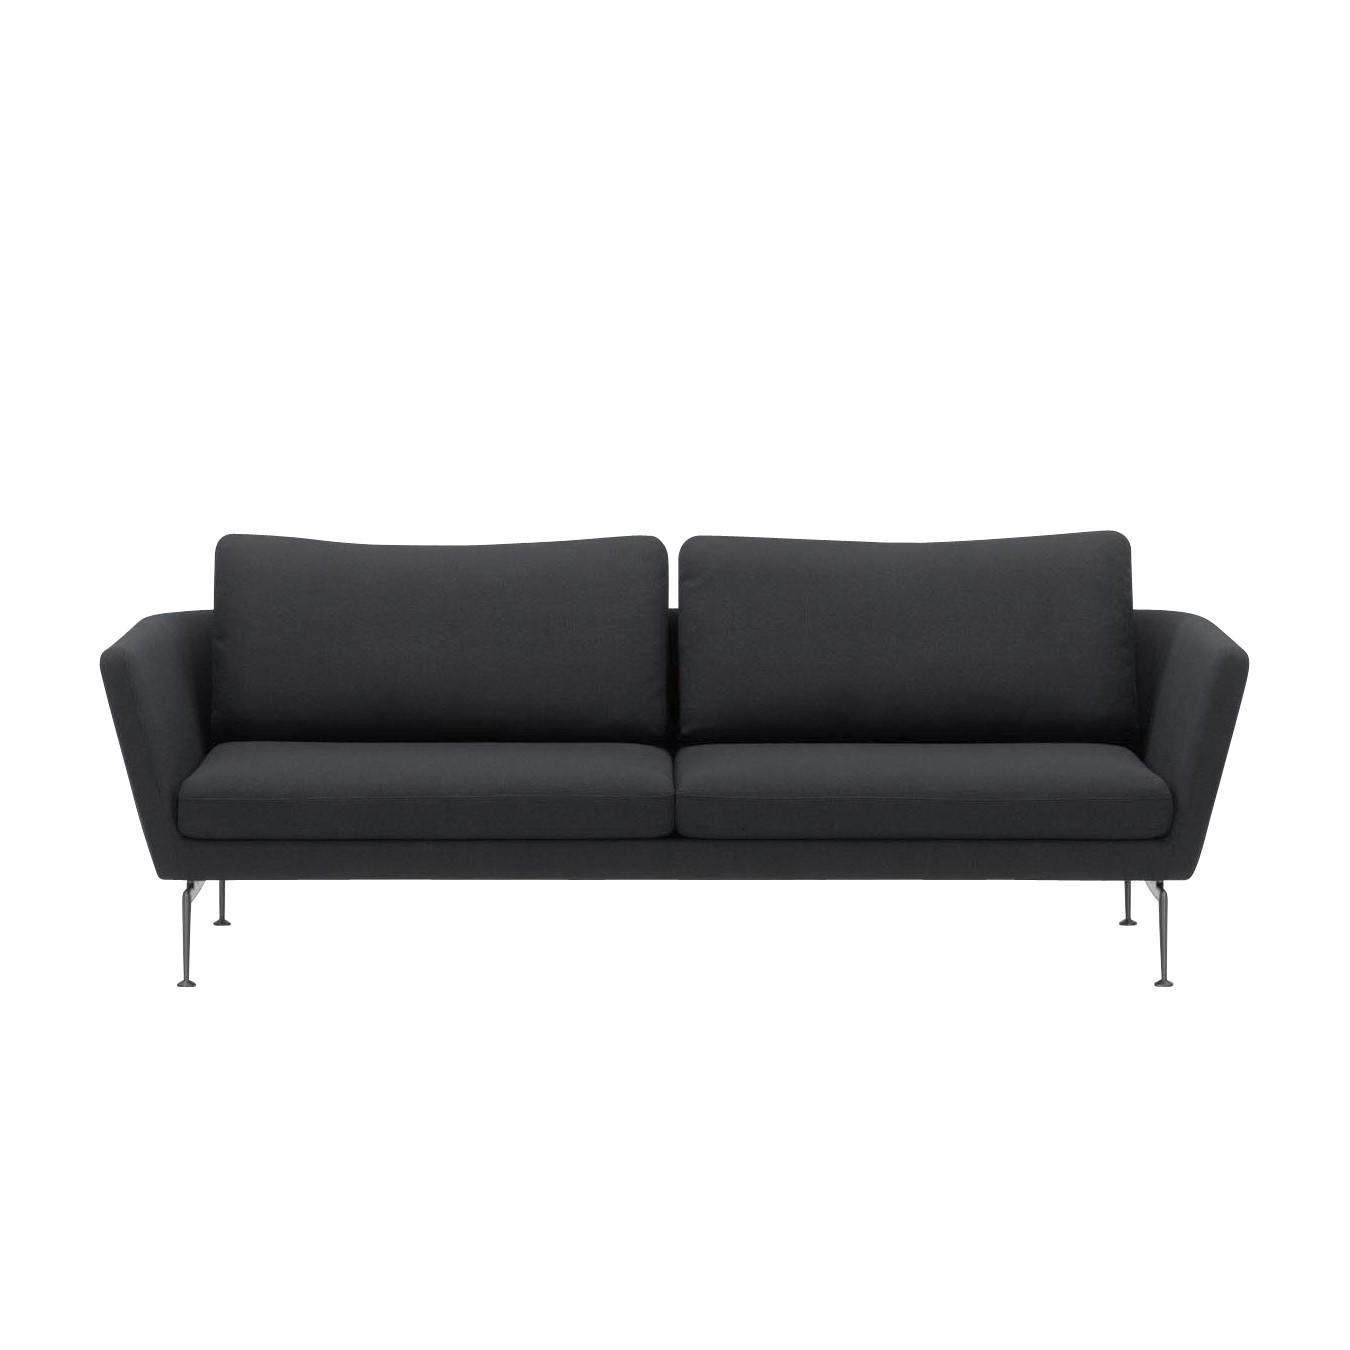 Delicieux Vitra   Suita Citterio 3 Seater Sofa   Black/frame Aluminium/fabric Laser  Black